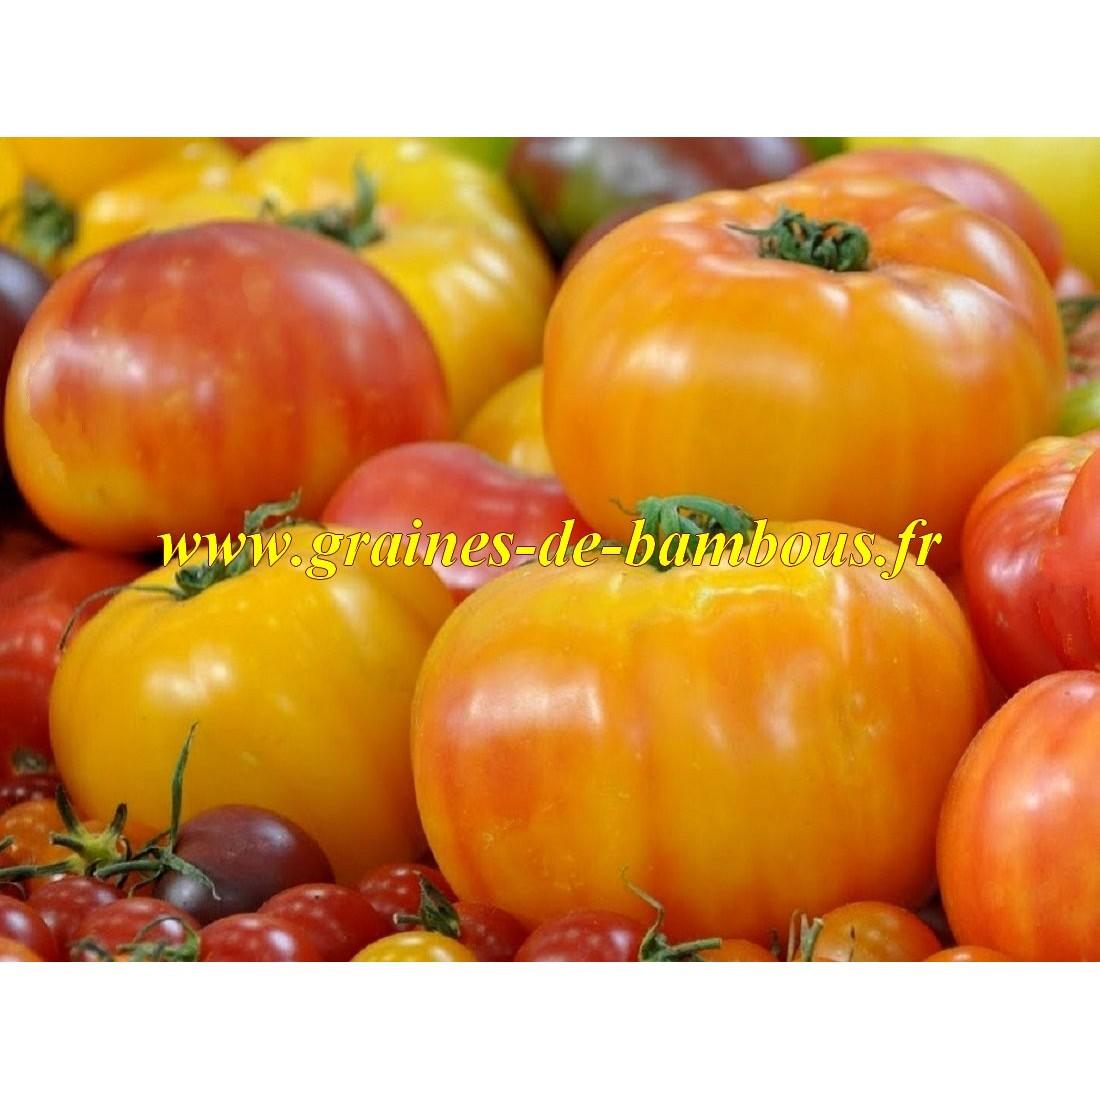 Tomate big rainbow graines de bambous fr